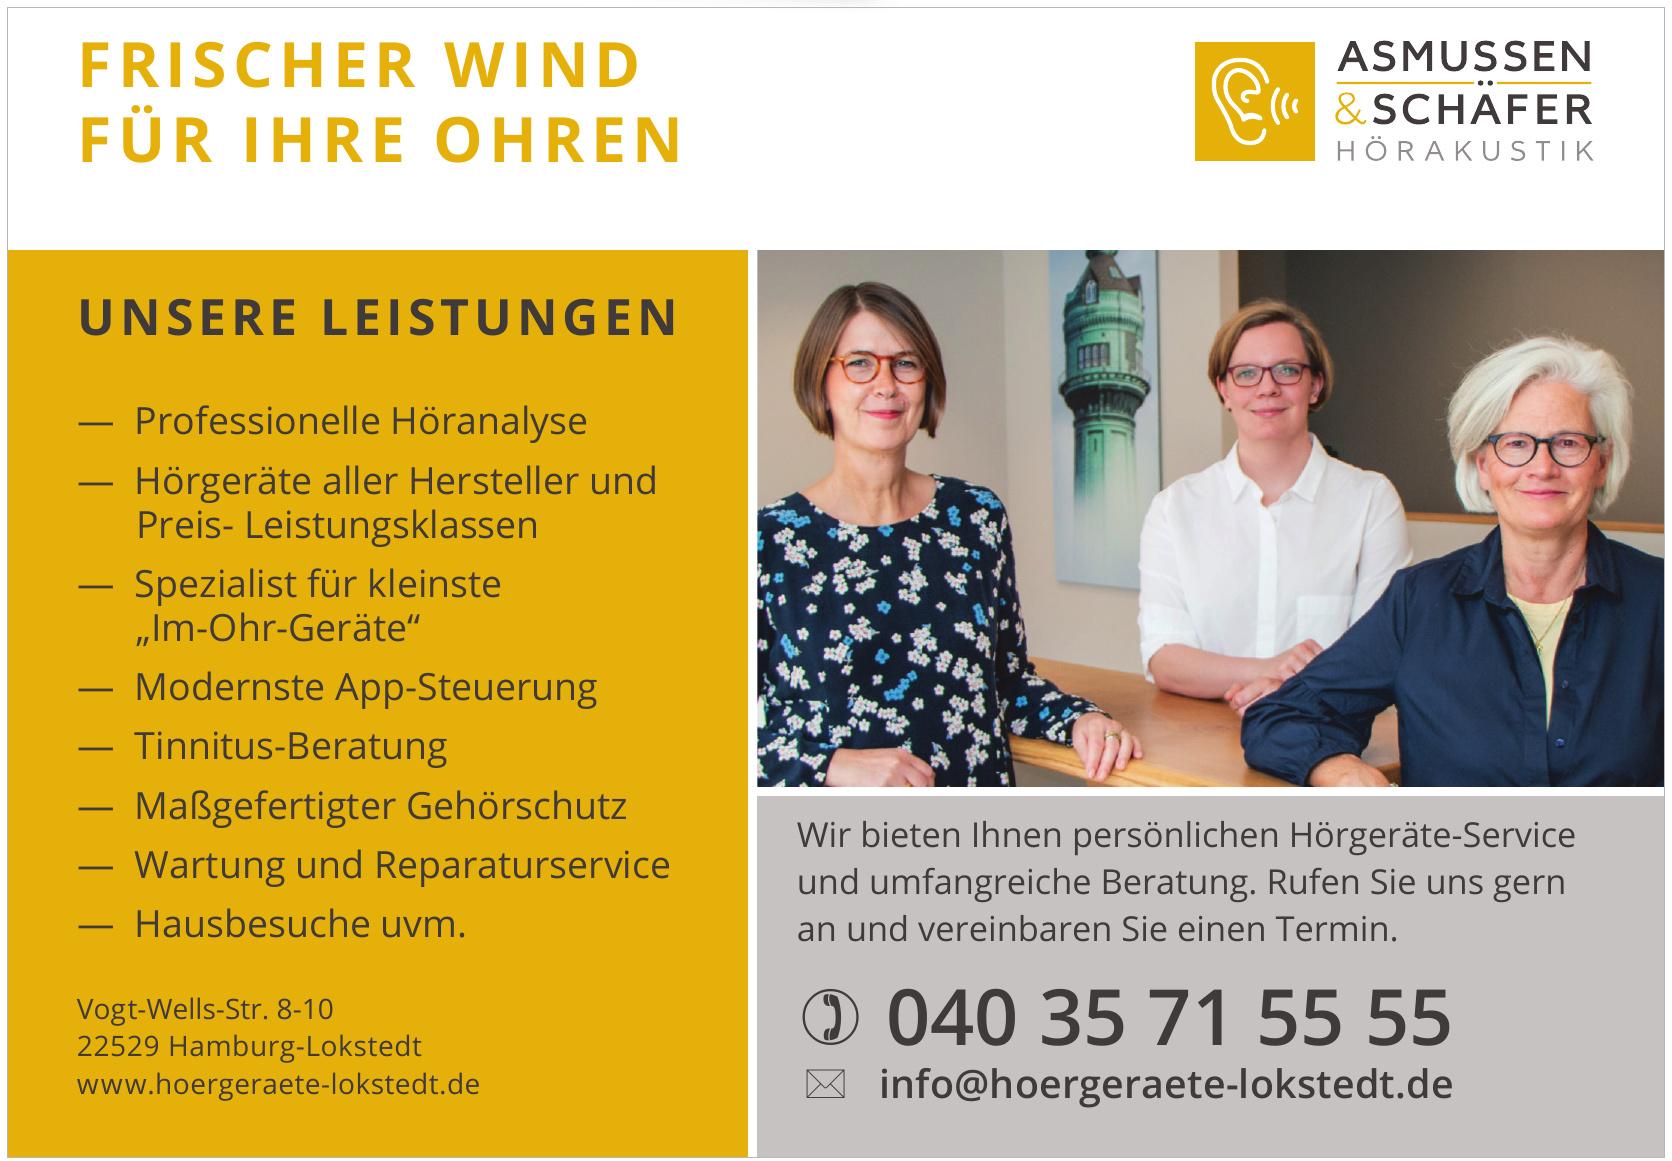 Asmussen & Schäfer Hörakustik